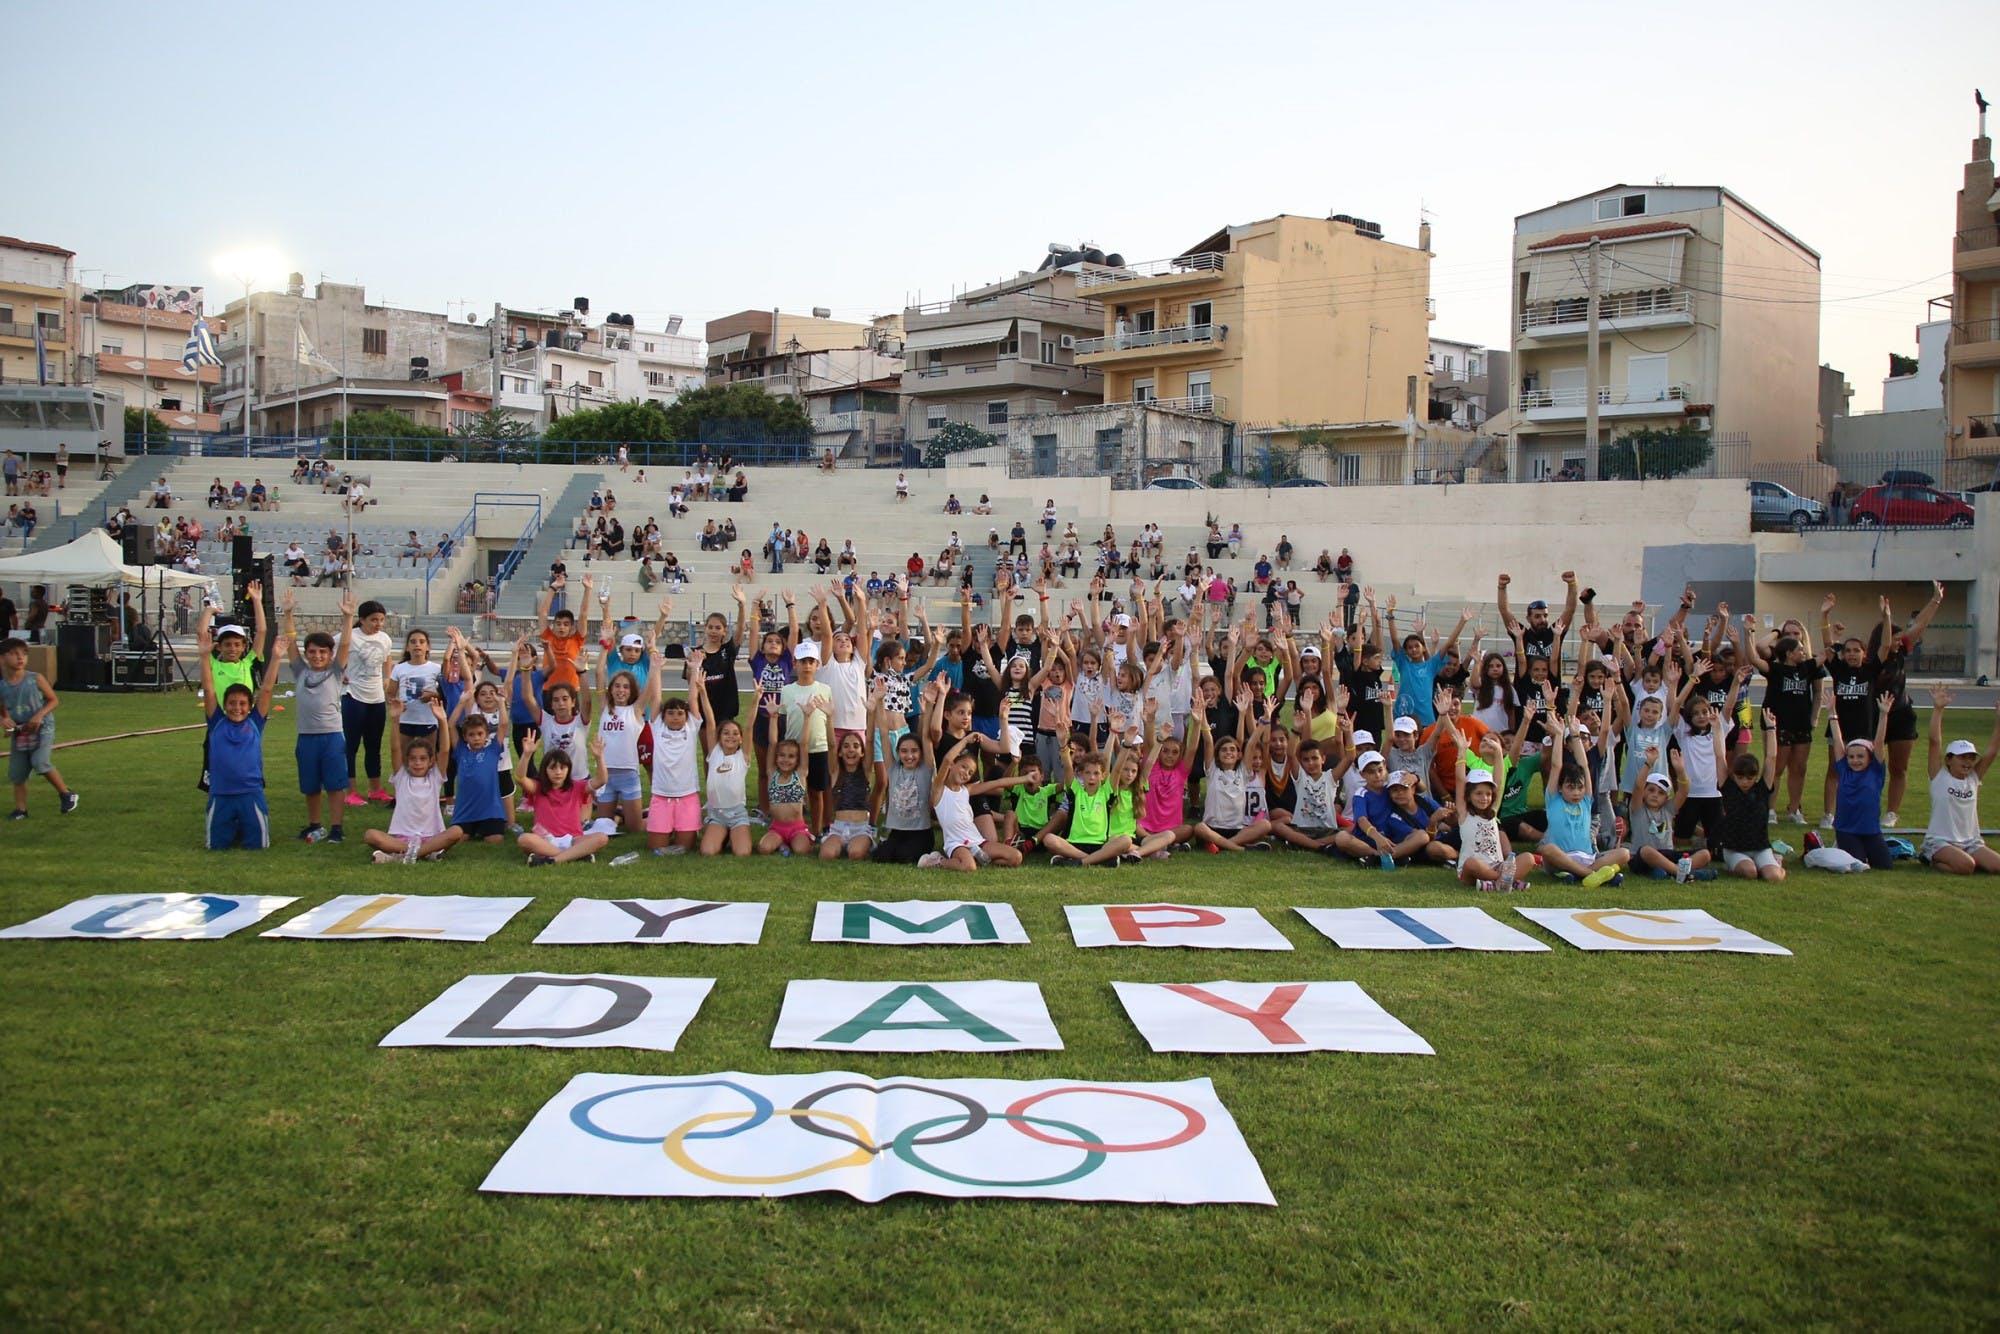 Φαντασμαγορική γιορτή στο Στάδιο Ελευθερίας για την Παγκόσμια Ολυμπιακή Ημέρα